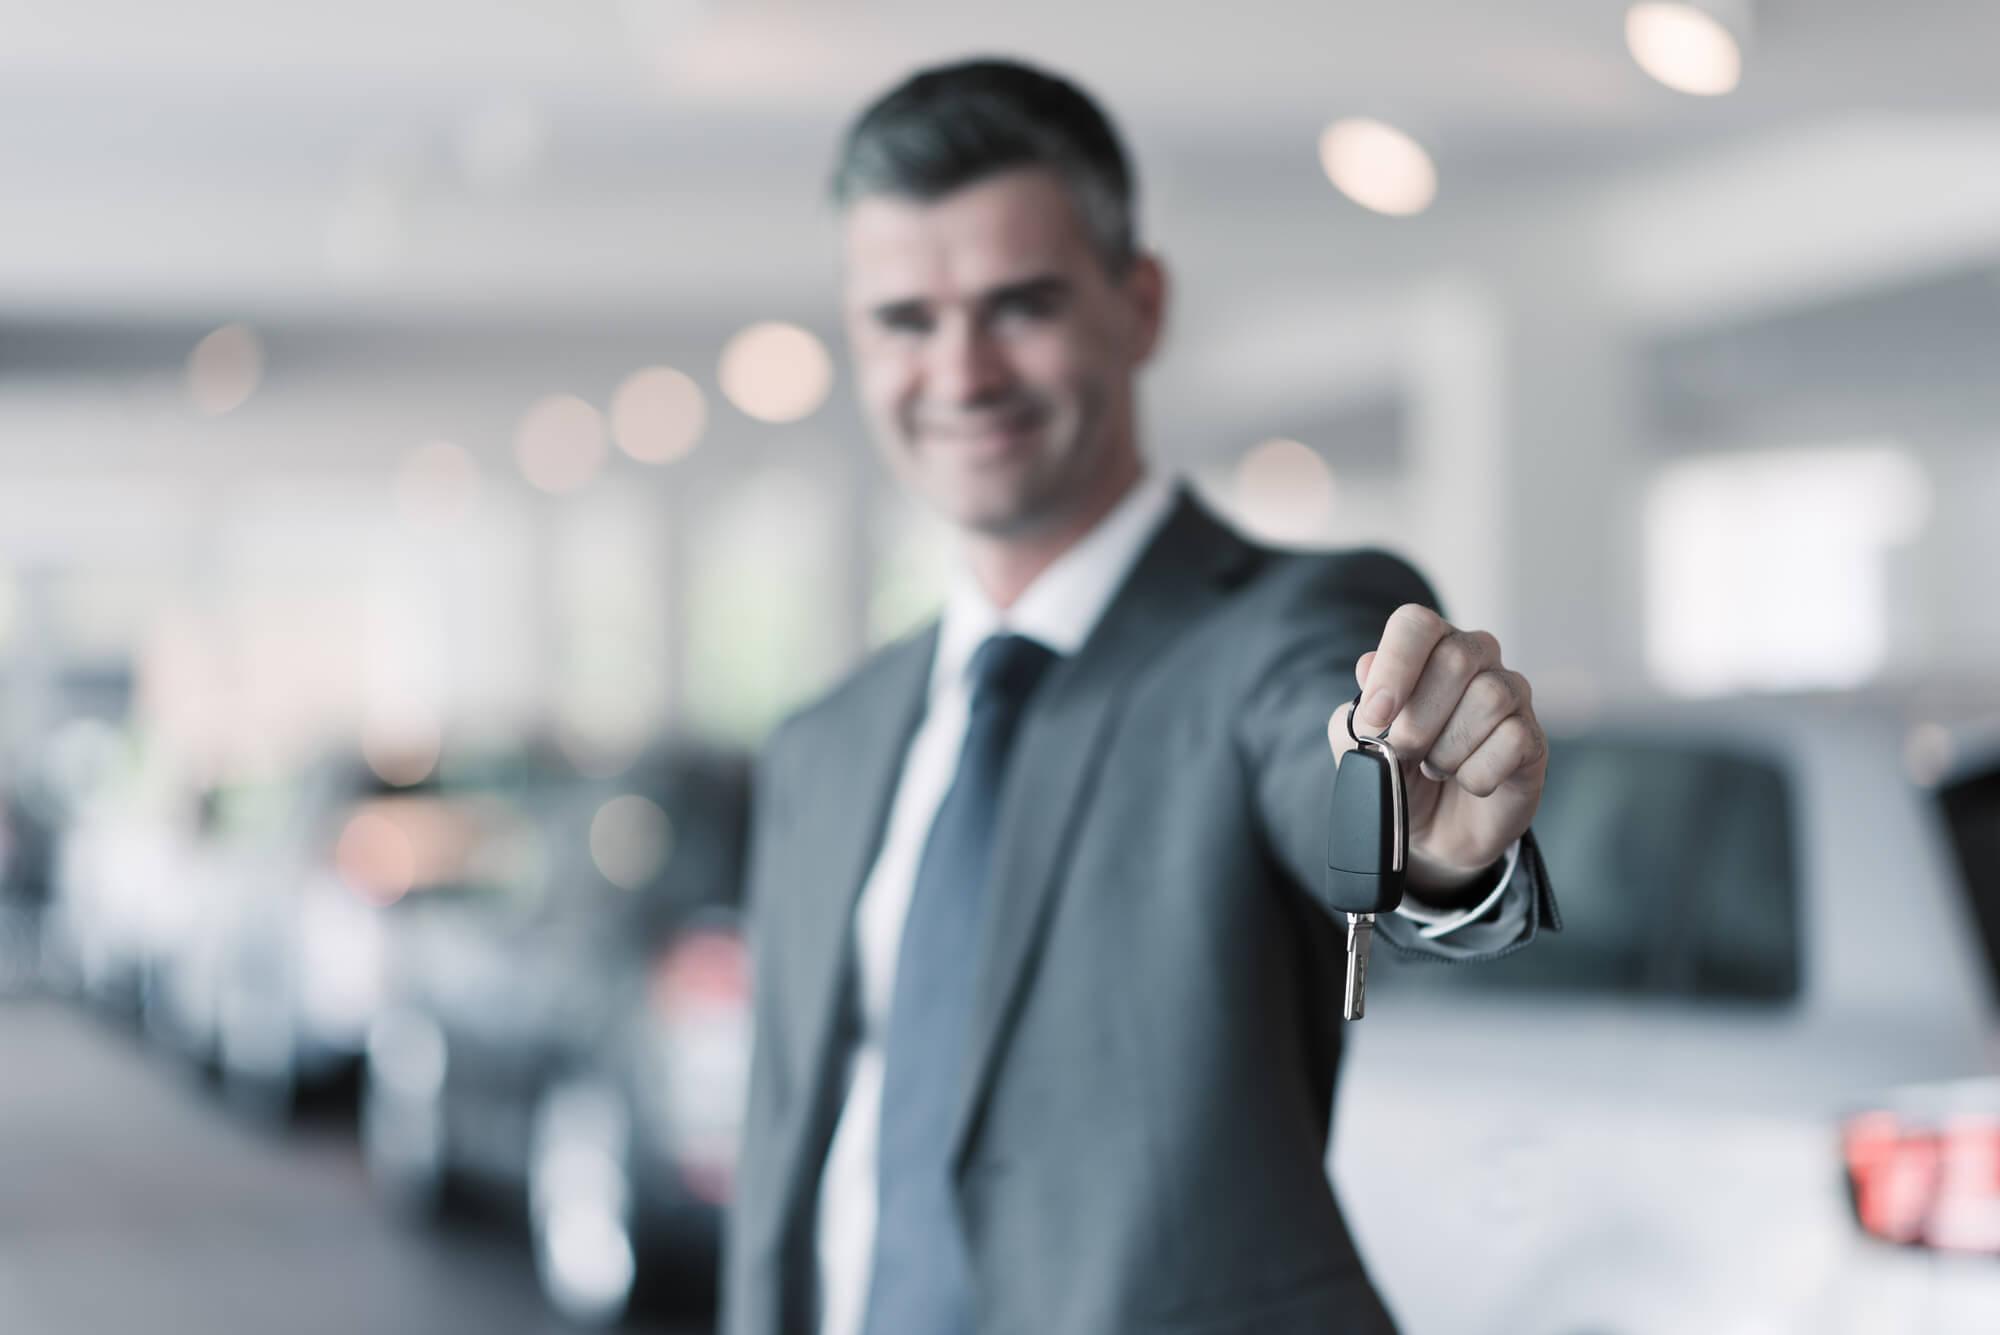 Europcar alternate to leasing